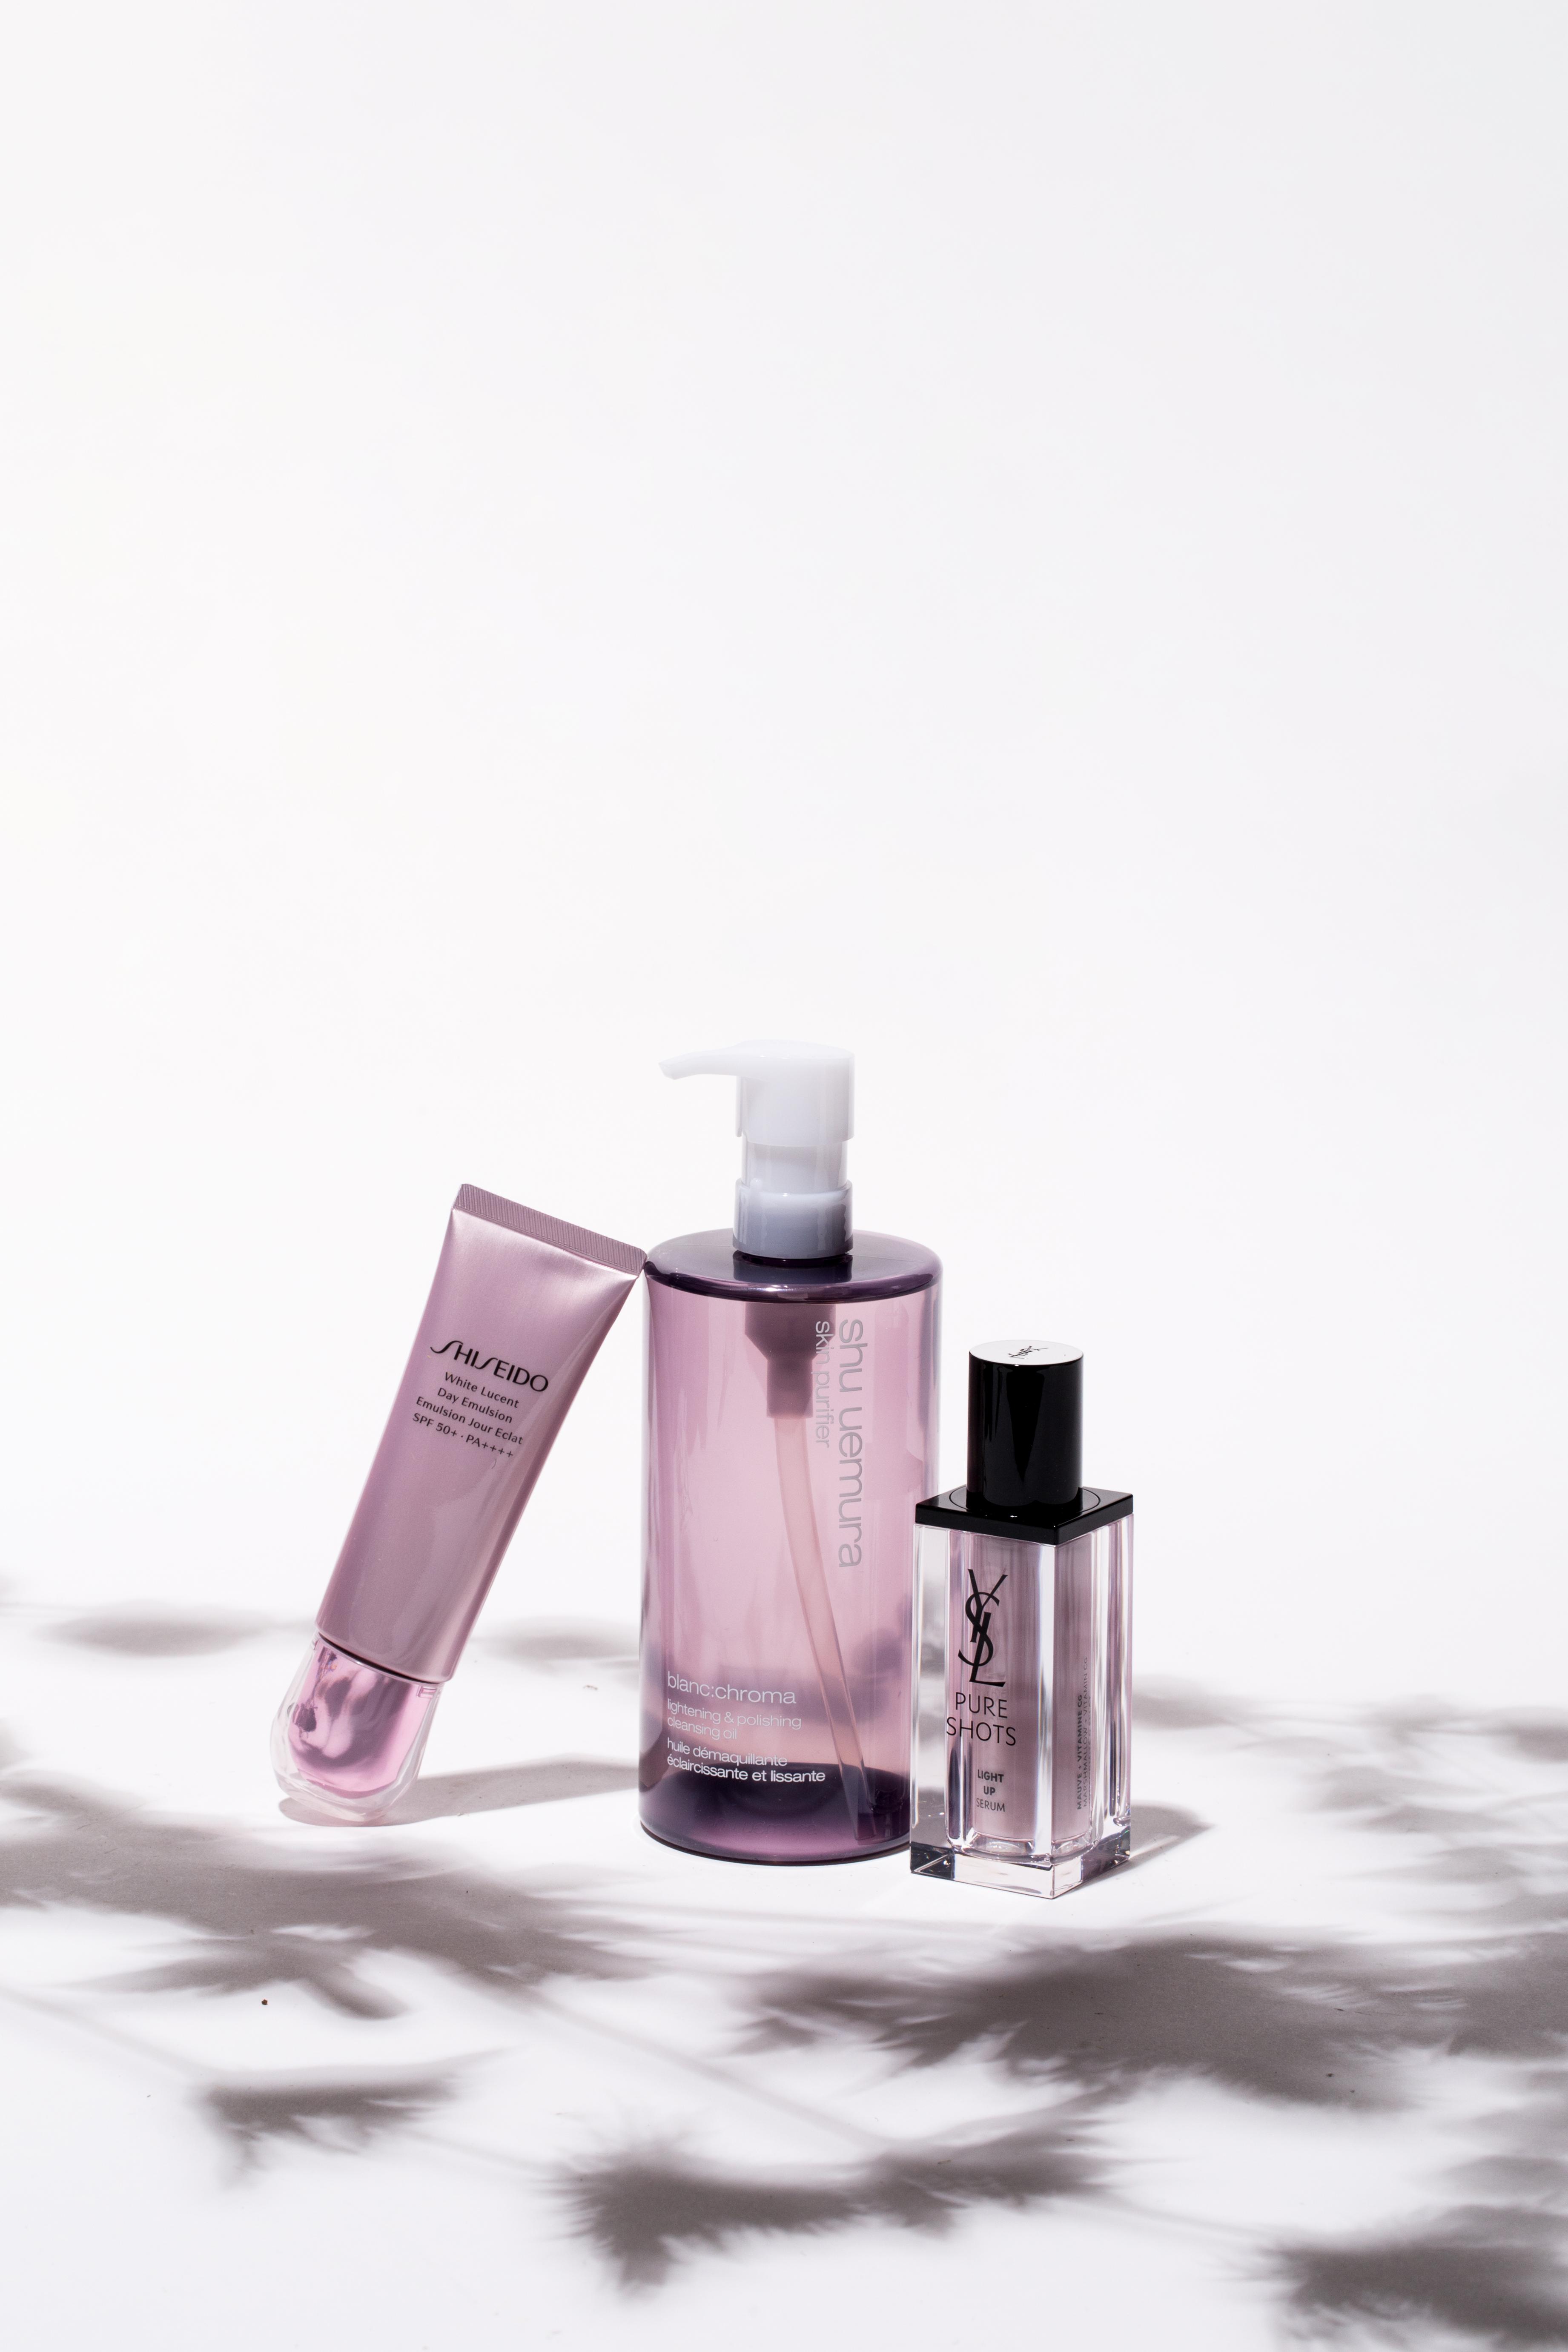 (由左至右) SHISEIDO White Lucent Day Emulsion速效美透白日間乳SPF50+ PA++++ $490/50ml 防曬最忌黏膩,這款乳液質感輕盈,內含的櫻花亮肌複合物可以截擊色斑,堵截膚色瑕疵根源。 shu uemura blanc: chroma 淨白煥顔潔顔油 $680/450ml 卸妝、潔面之餘,潔顔油蘊含的茶酵素也有助均勻膚色,提升肌膚的亮麗光澤,山桑子同時可助死皮細胞脫落,加速細胞更新,提升肌膚光線折射度。 YSL PURE SHOT LIGHT UP SERUM淨透妍亮精華 $720/30ml 培植於摩洛哥的藥蜀葵根,可以防止黑色素過量產生,維他命CG則有助提亮肌膚和減淡黑斑,適合早晚使用。